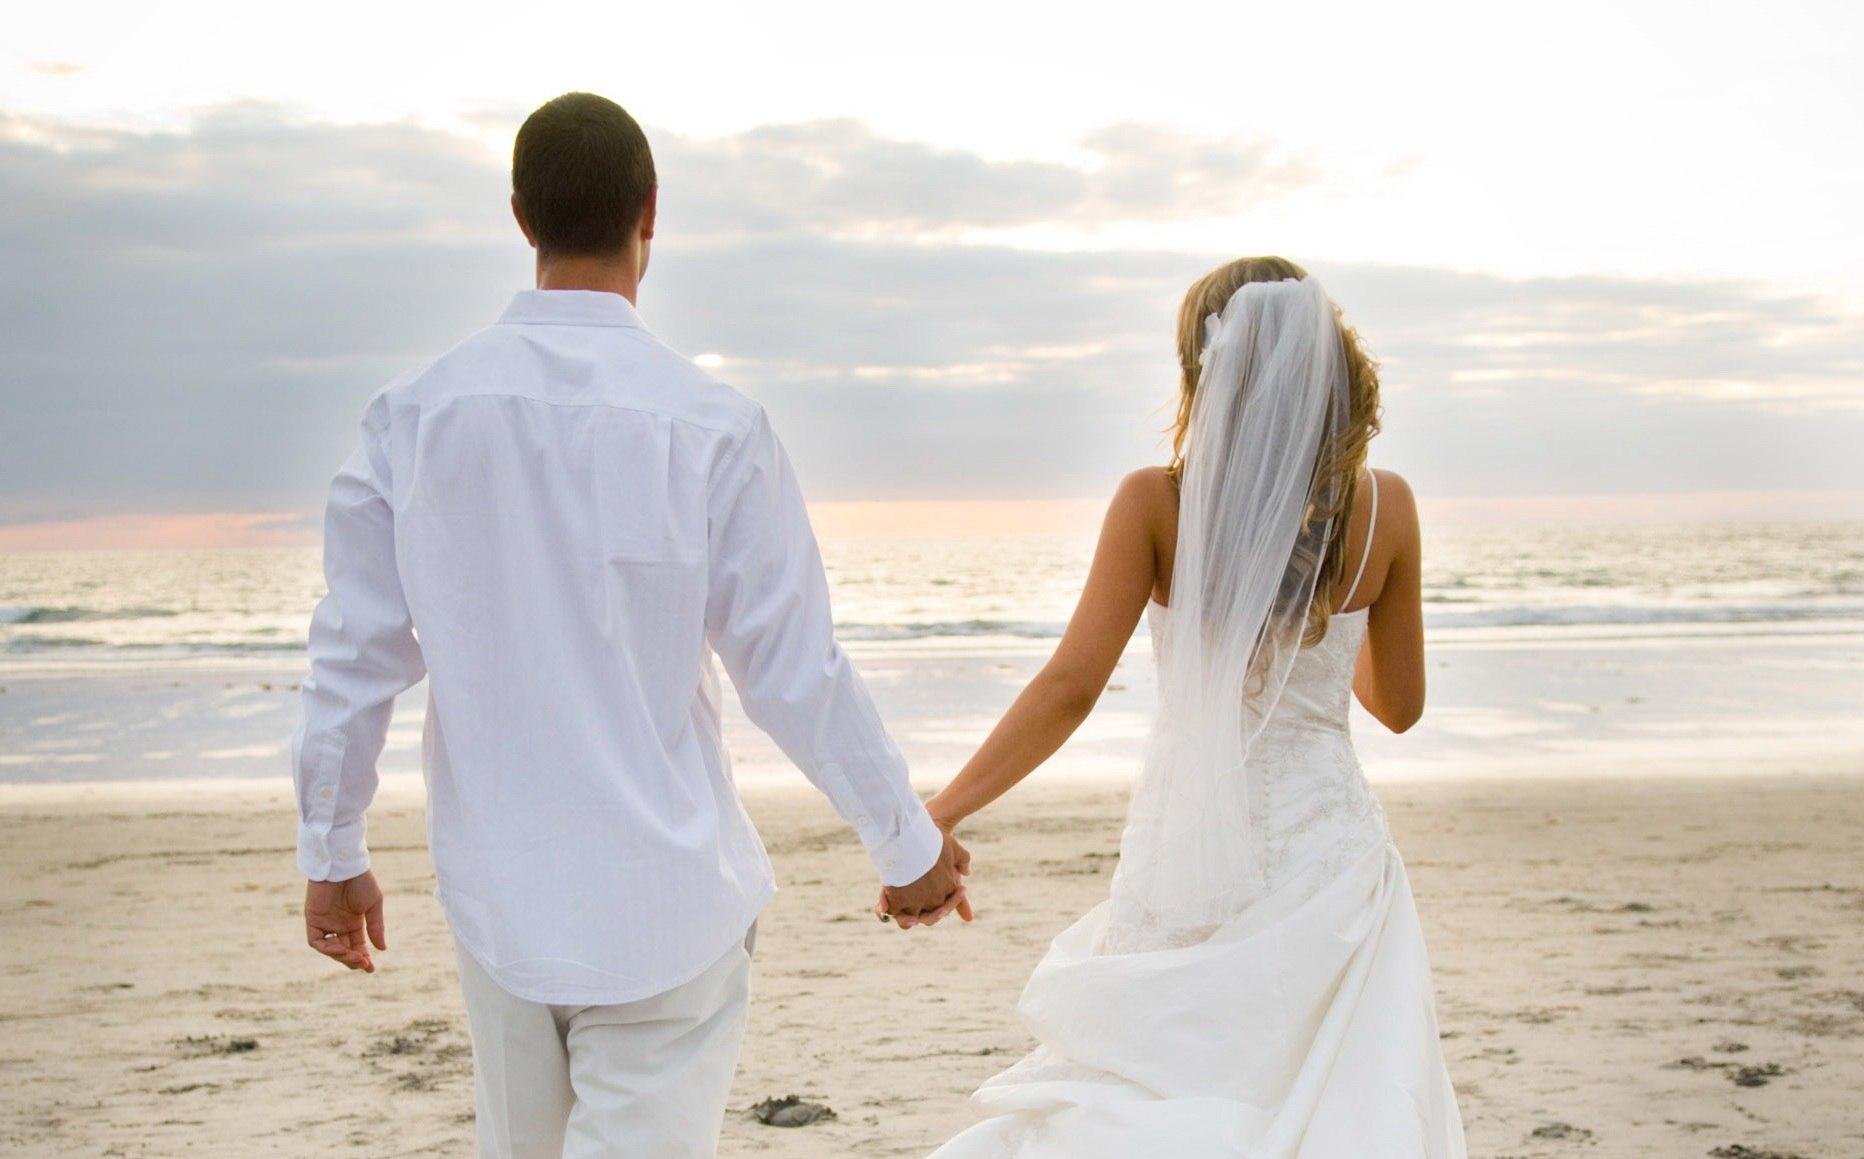 oNHfHV60XOs - Свадьба Большая или Маленькая?